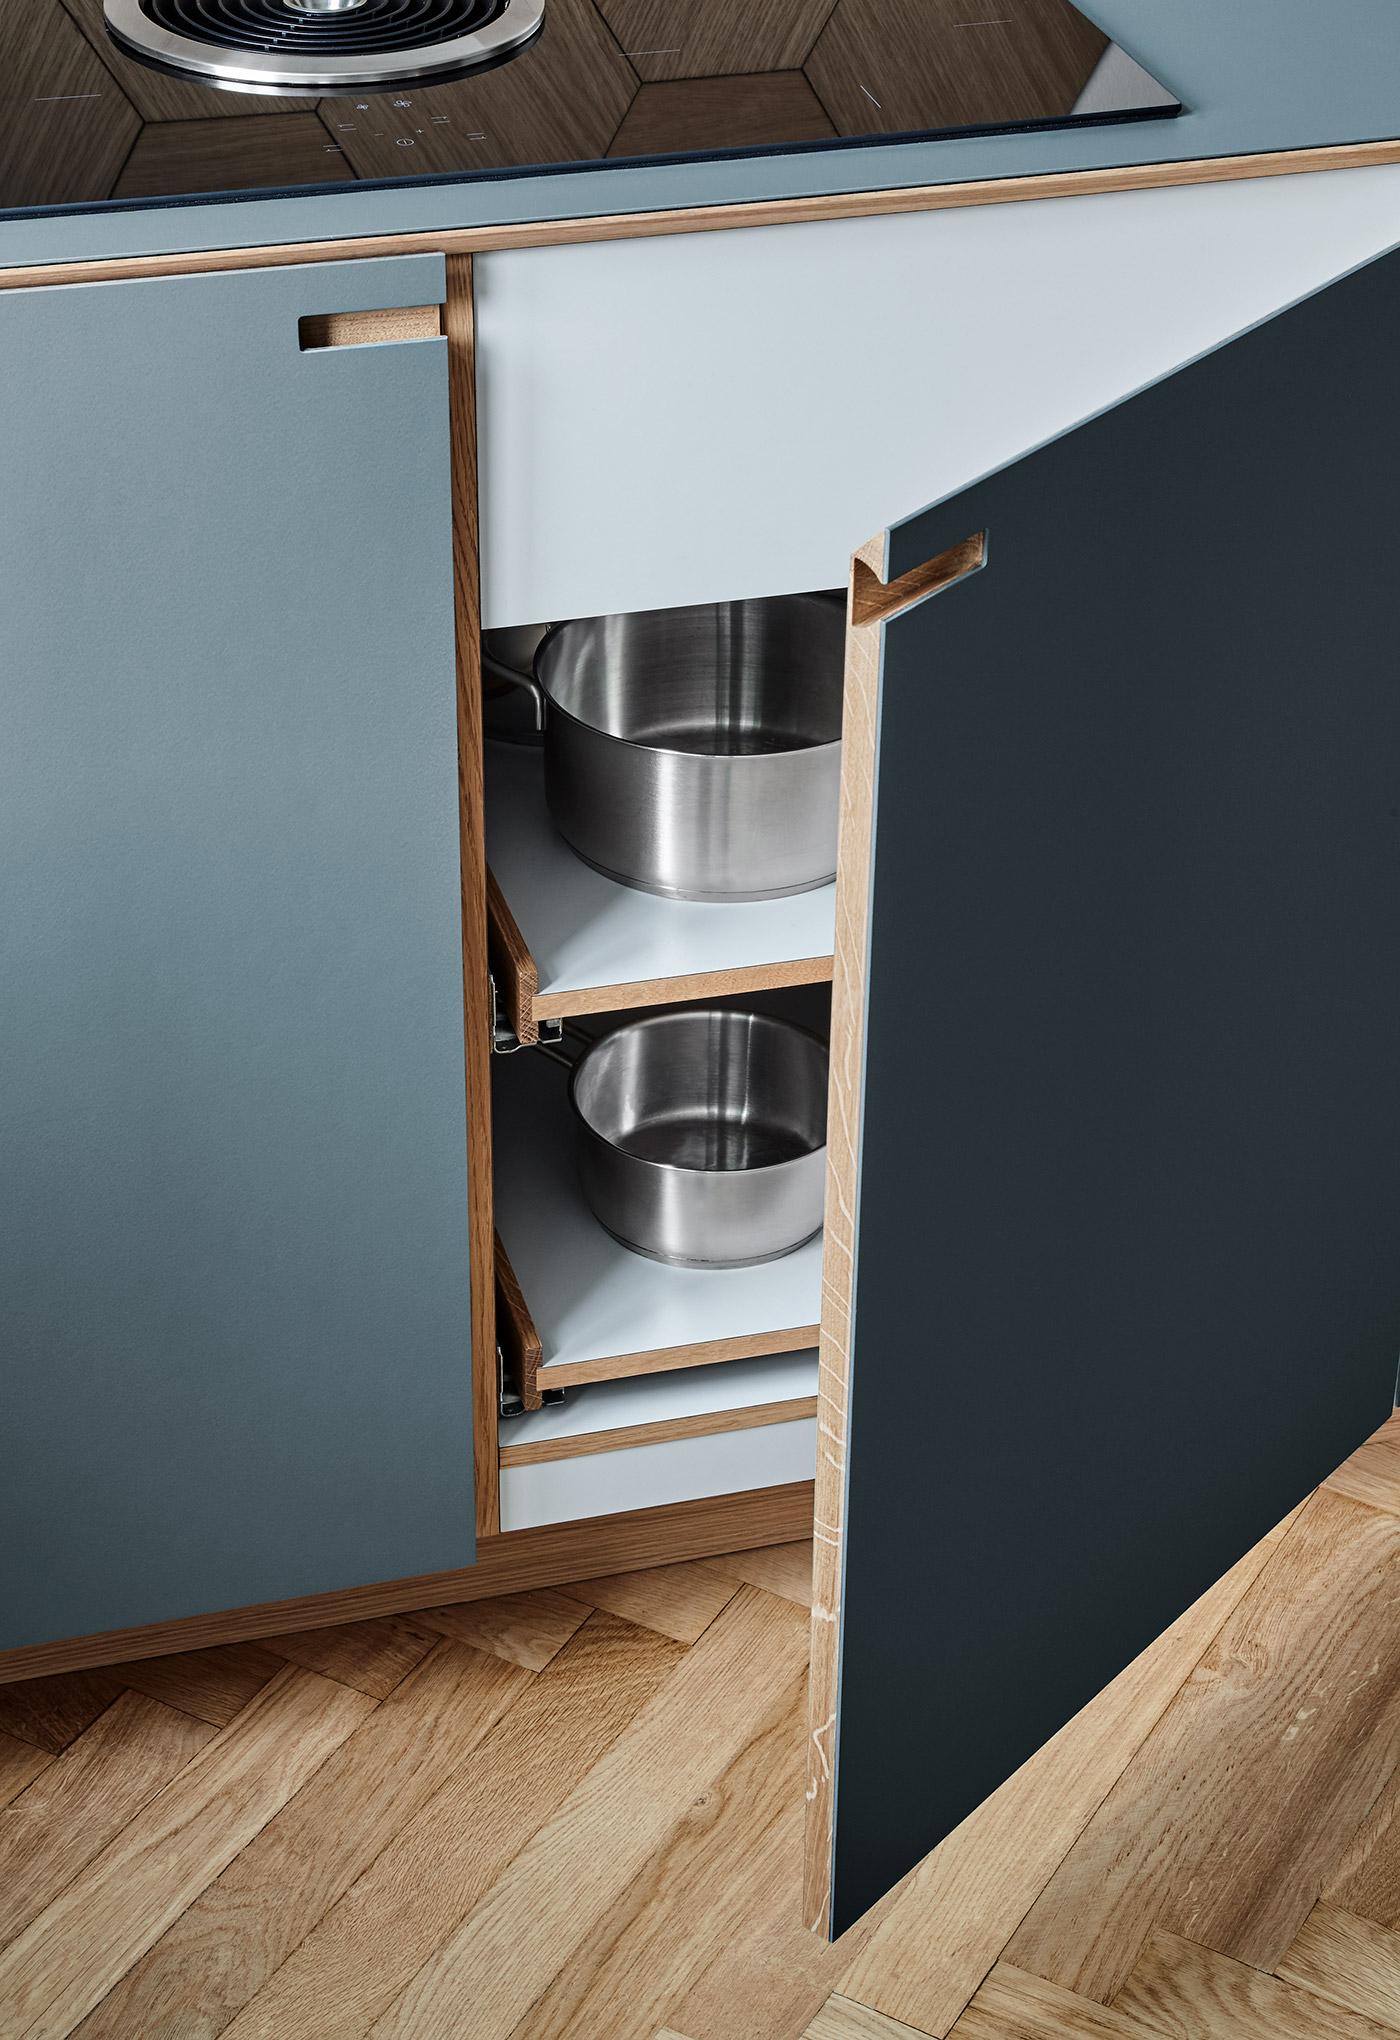 Detaljer af låge i egetræ og pewtergrå linoleum - designet og produceret af køkkensnedker Nicolaj Bo™